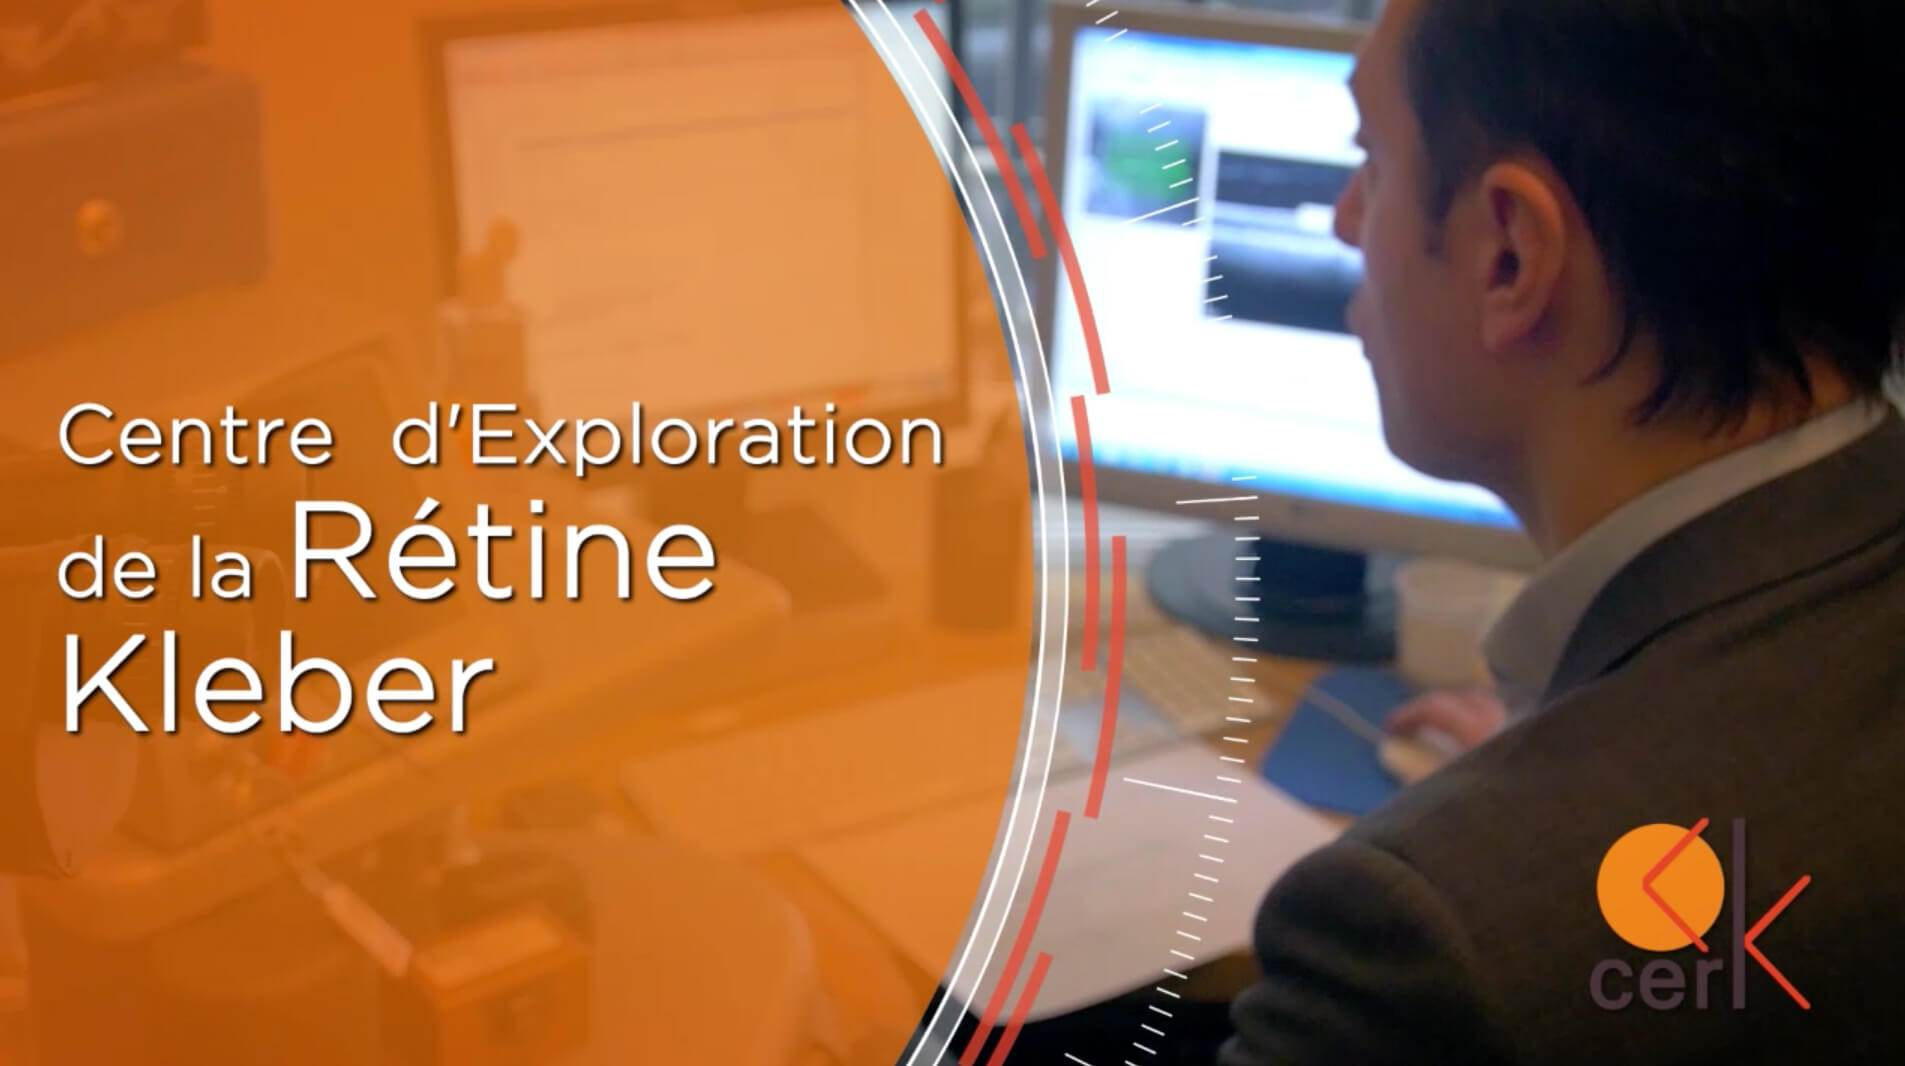 Centre d'Exploration de la Rétine Kleber